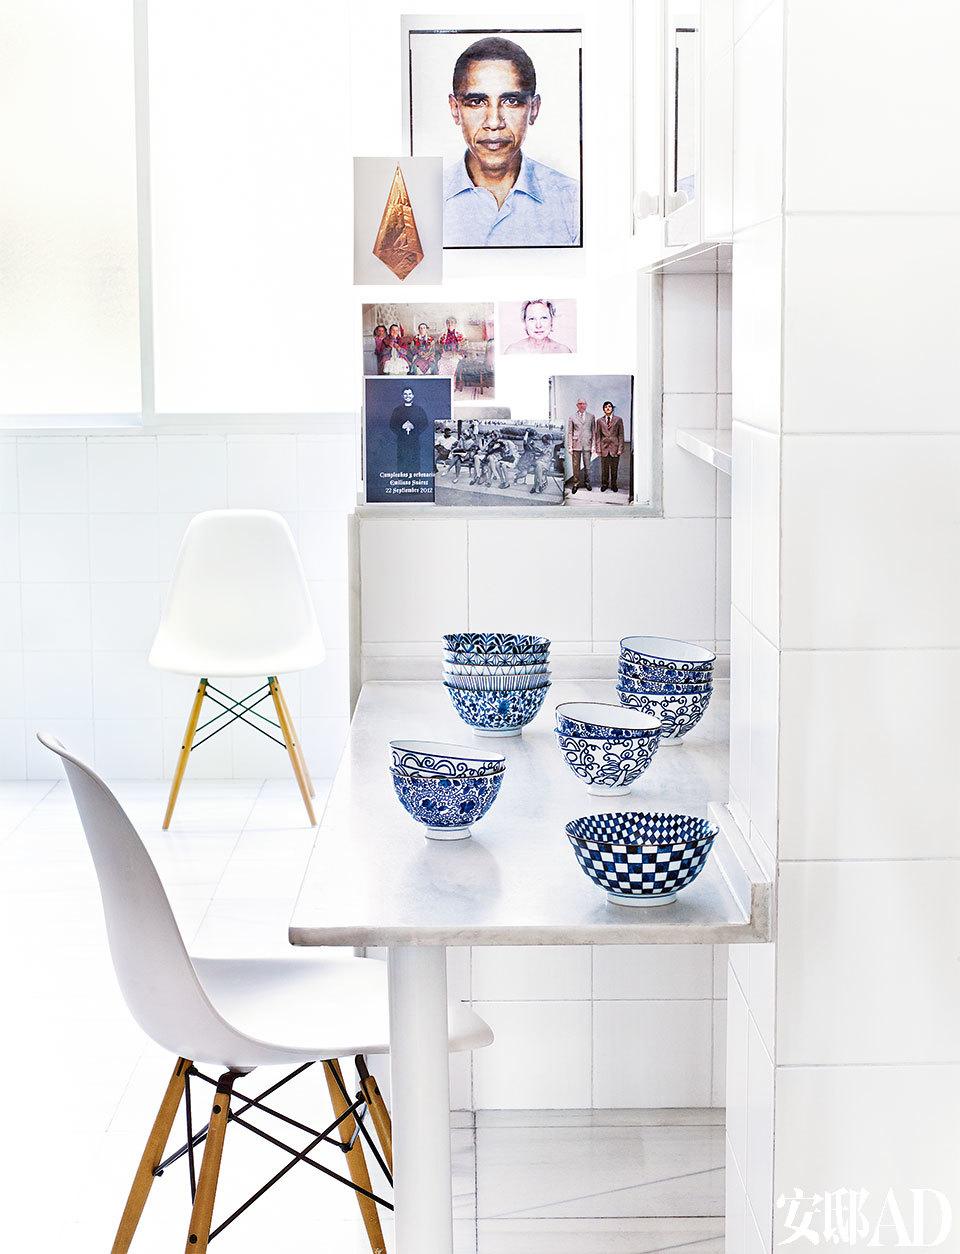 厨房是Santos的设计,椅子是在Vitra购买的Eames夫妇的设计,中国青花瓷碗是在纽约的Pearl百货购买的。整个家里色彩缤纷,但厨房却是清一色的白,极大反差。